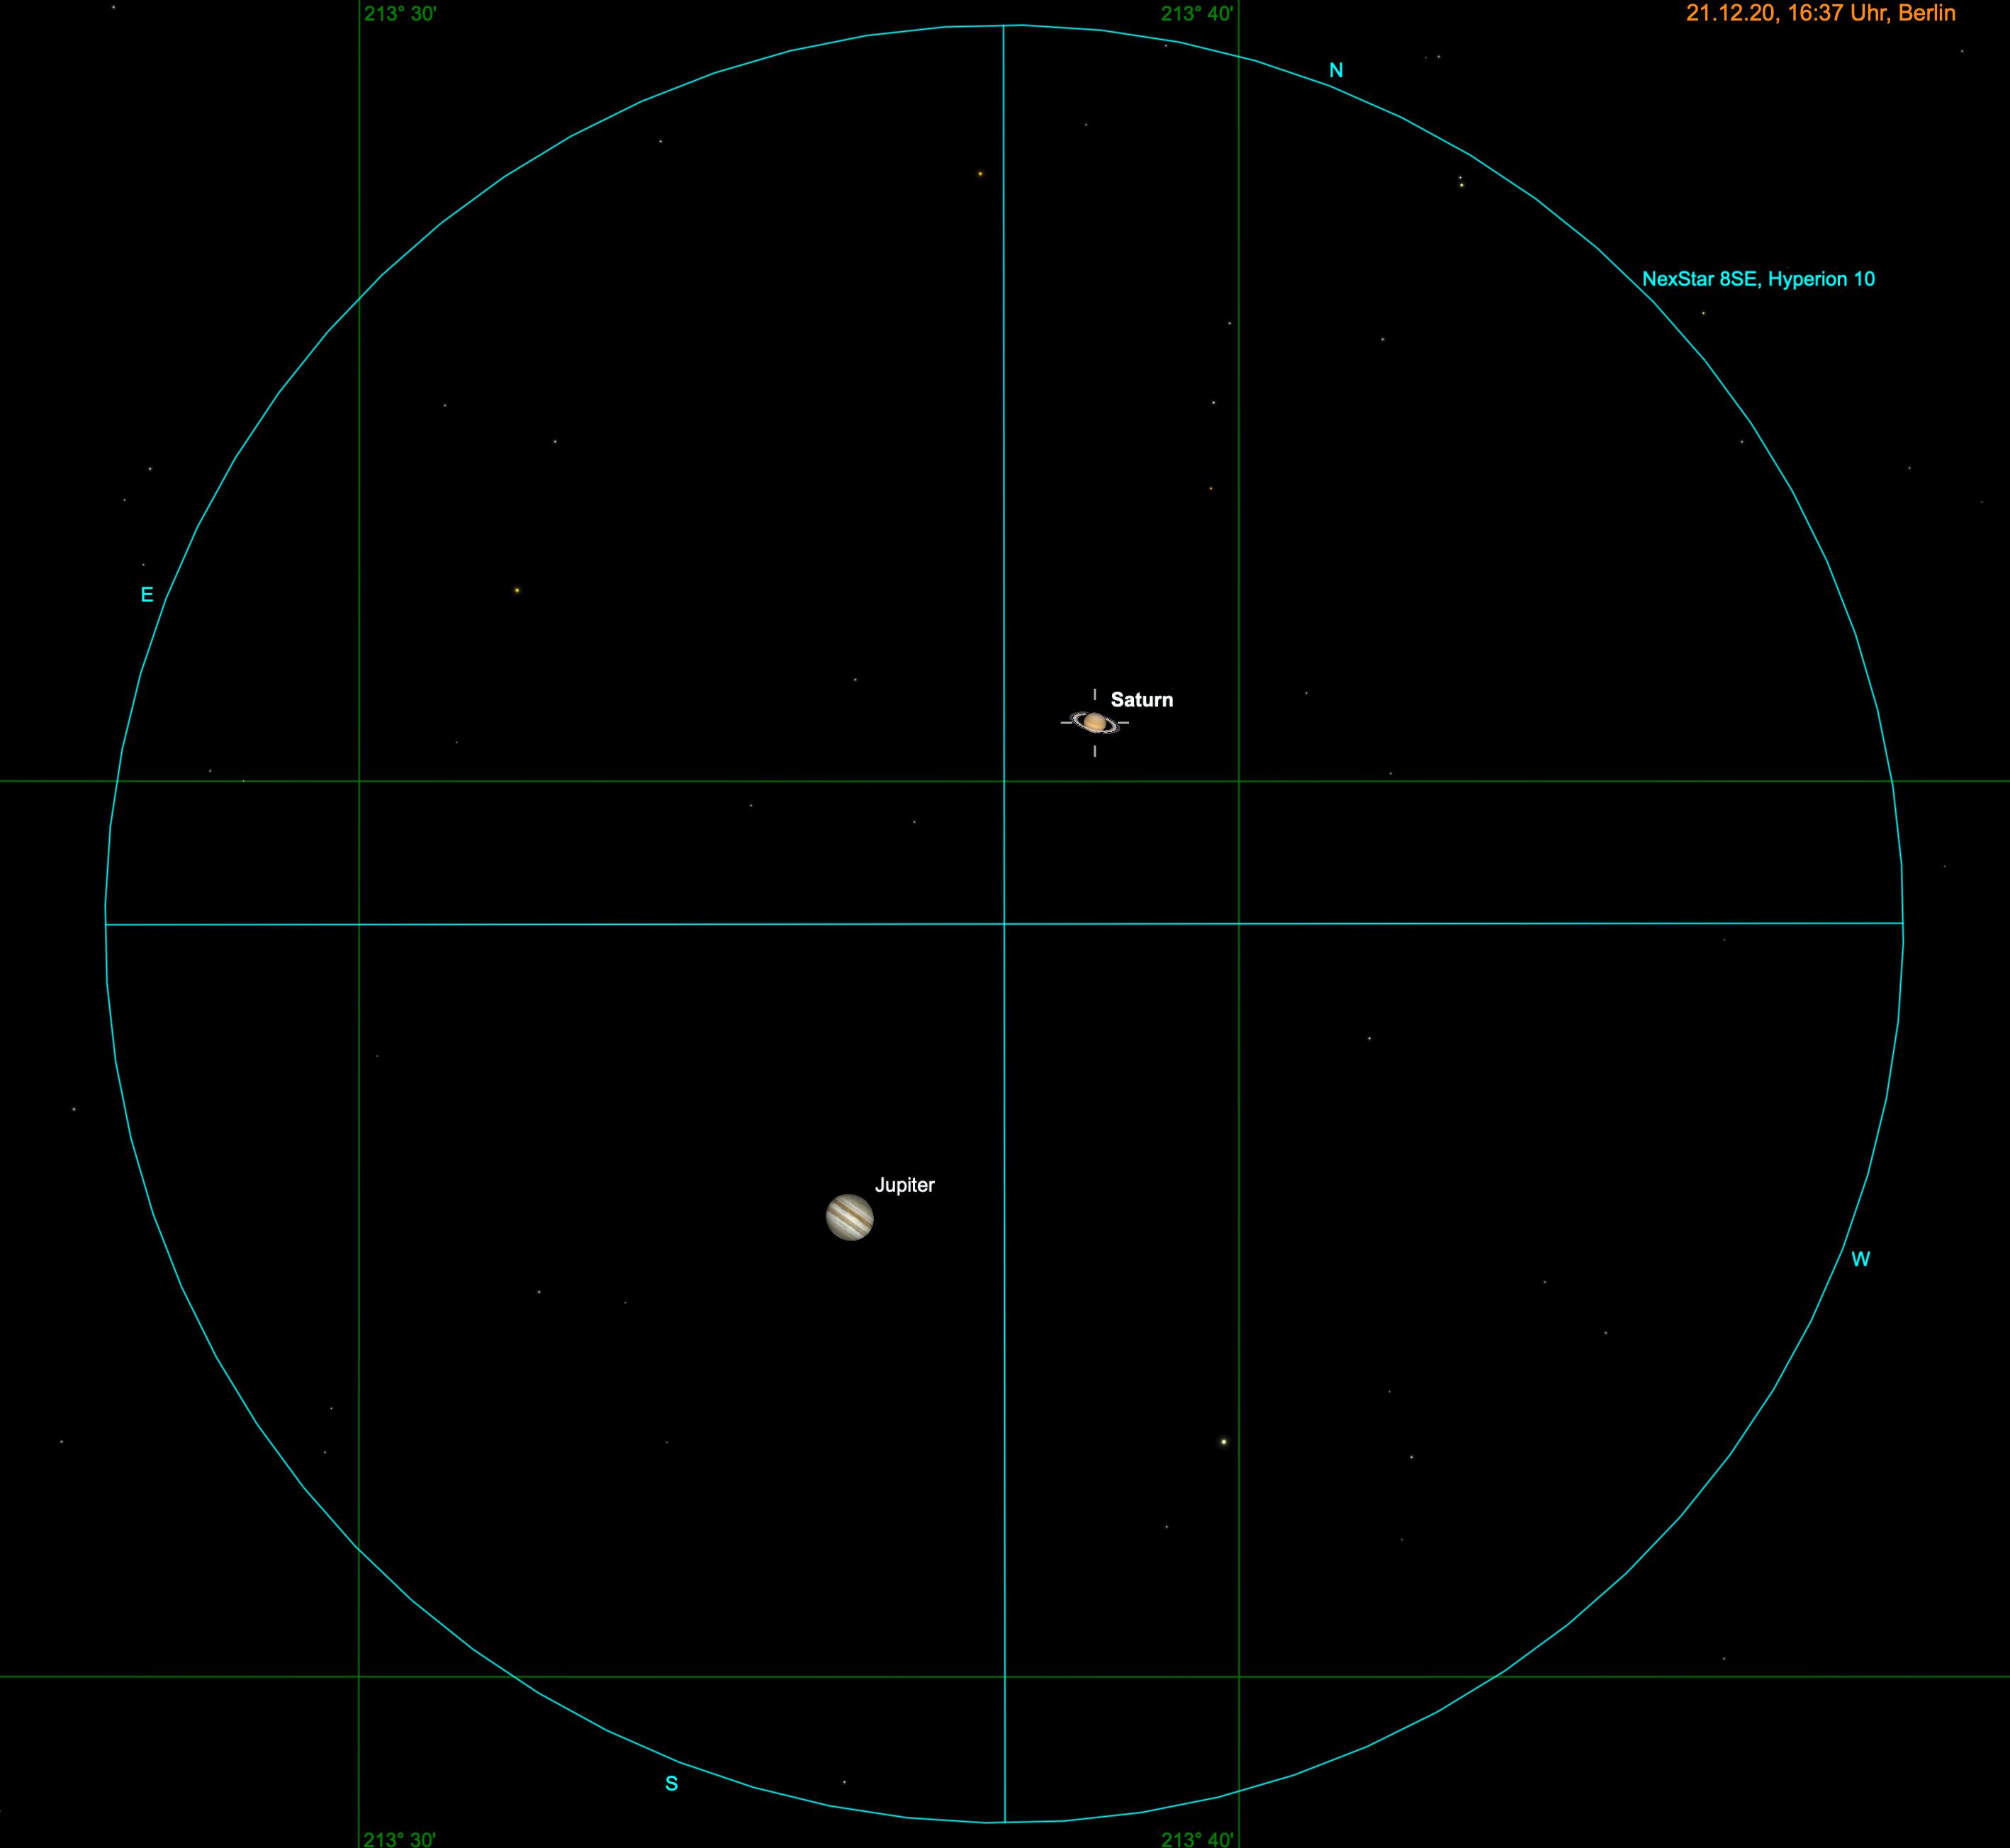 Jupiter und Saturn im Teleskop